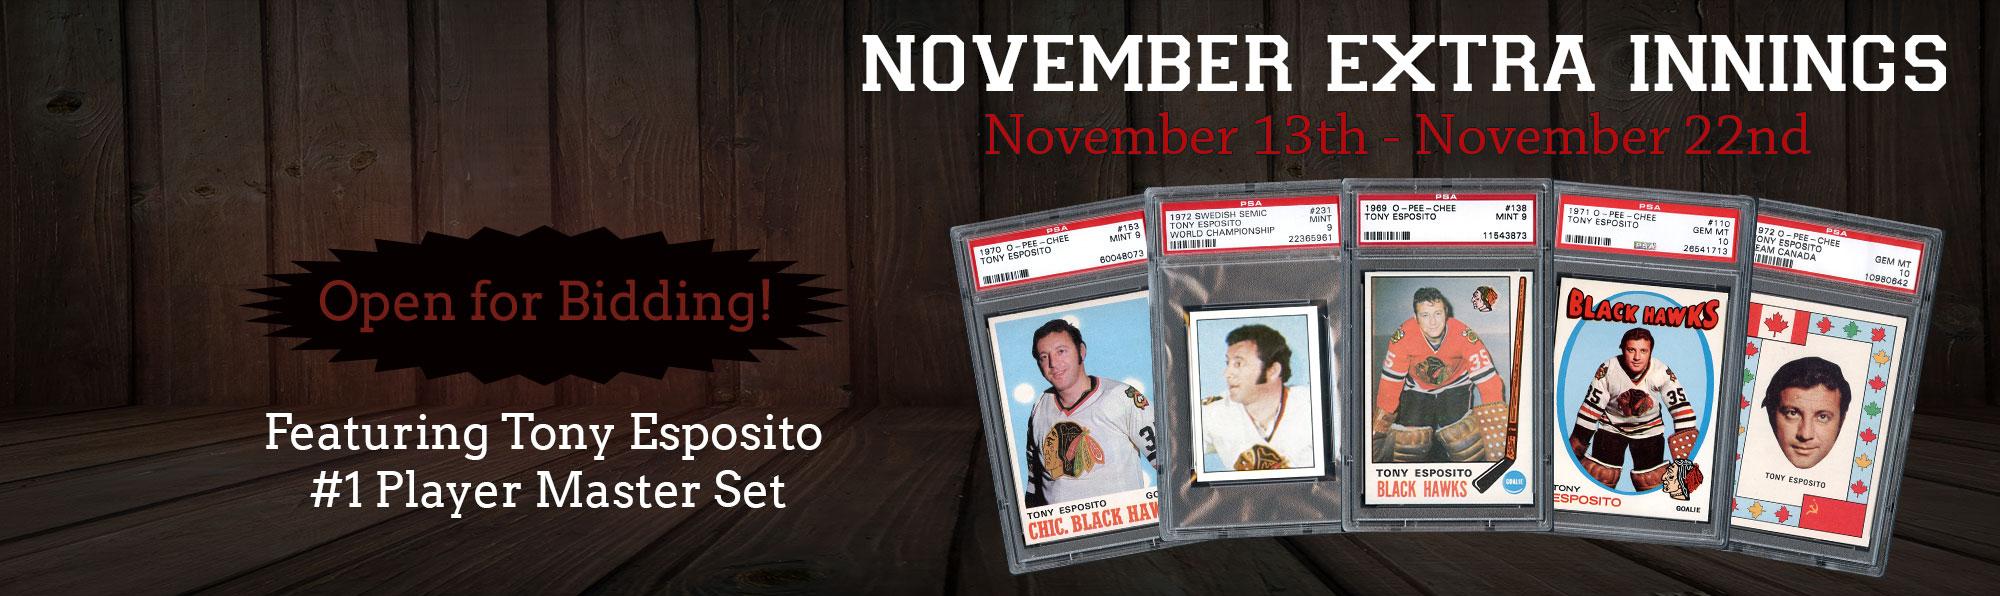 Tony Esposito #1 Player Master Set